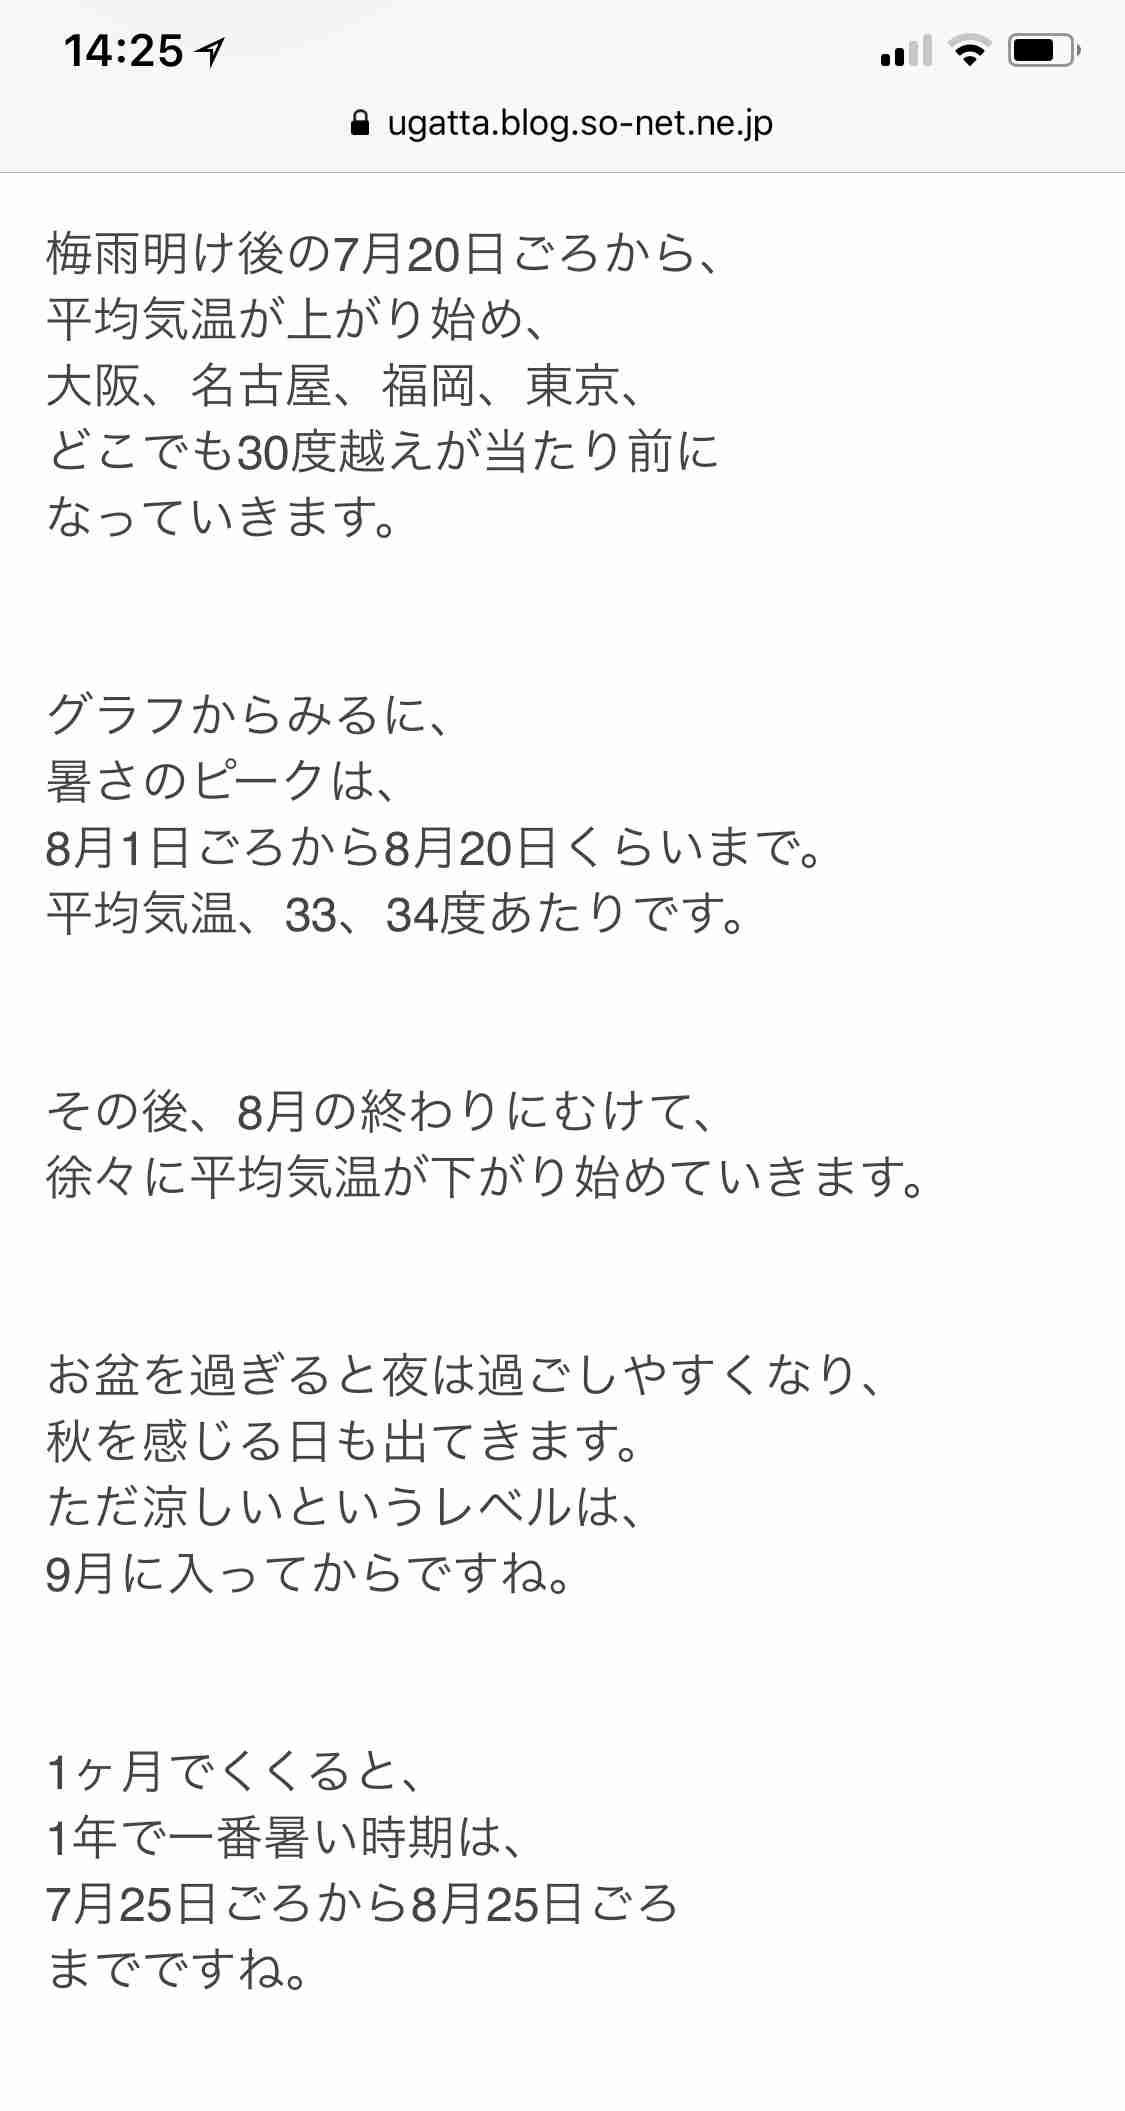 岐阜・多治見と東京・青梅で40度超 各地で危険な暑さ 熱中症に厳重警戒